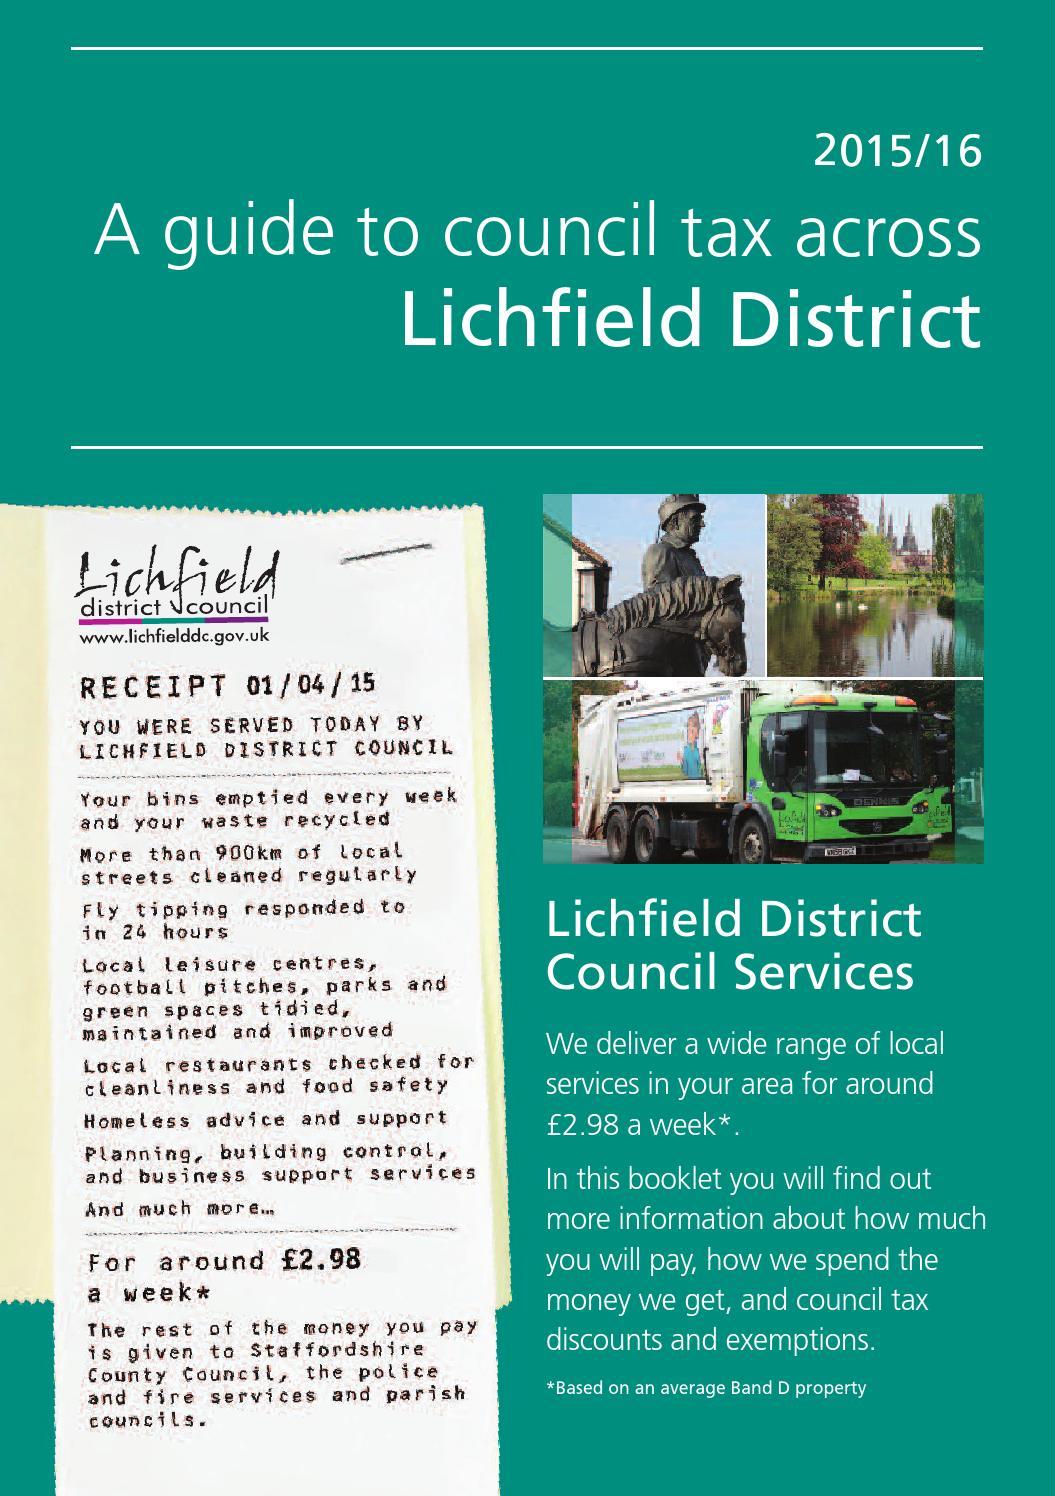 Ldc Council Tax Leaflet 2015 By Lichfield District Council